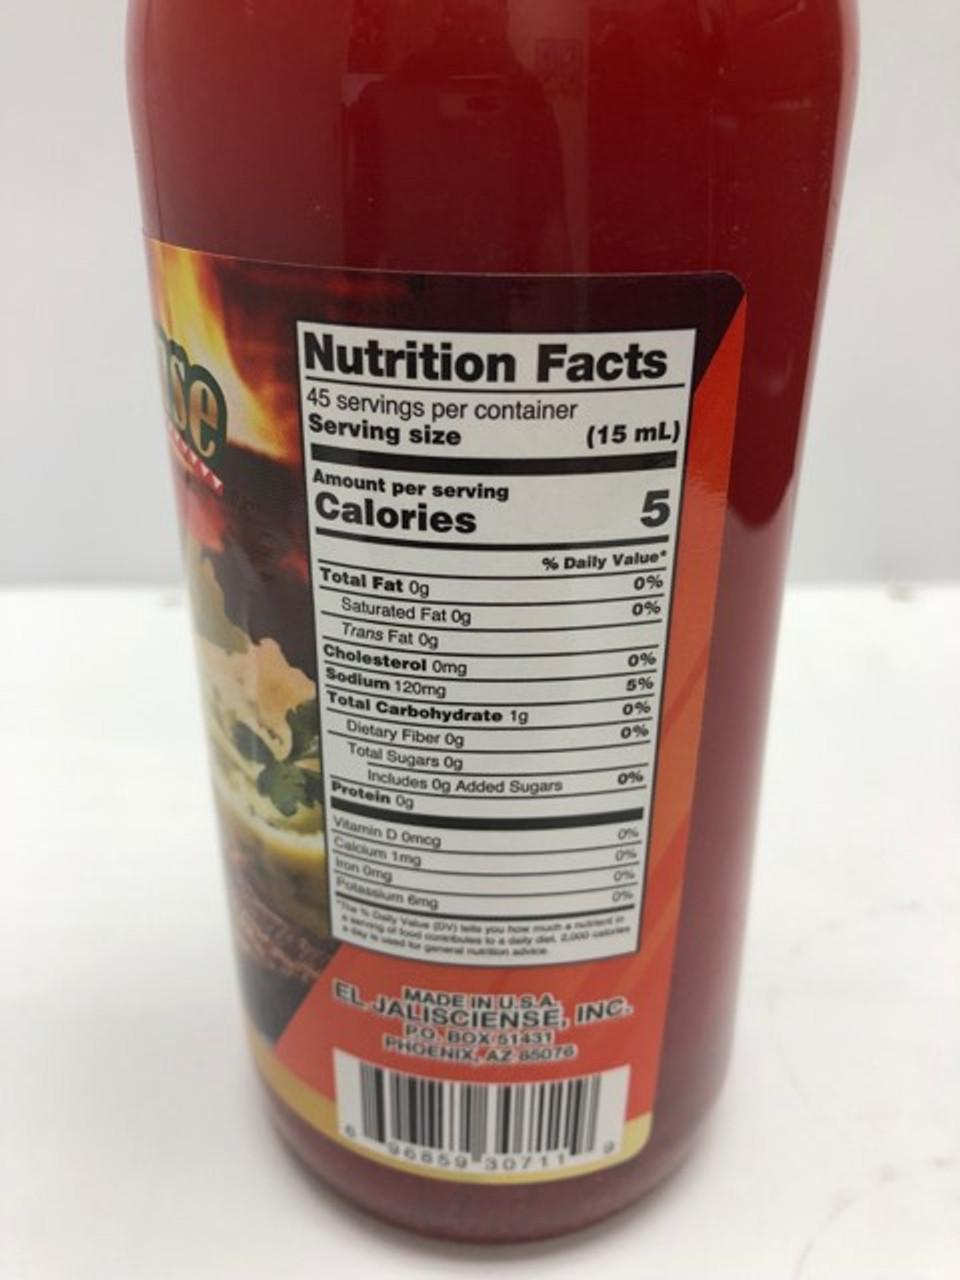 El Jalisciense Carne Asada/Grilled Beef Marinade 23oz Bottle